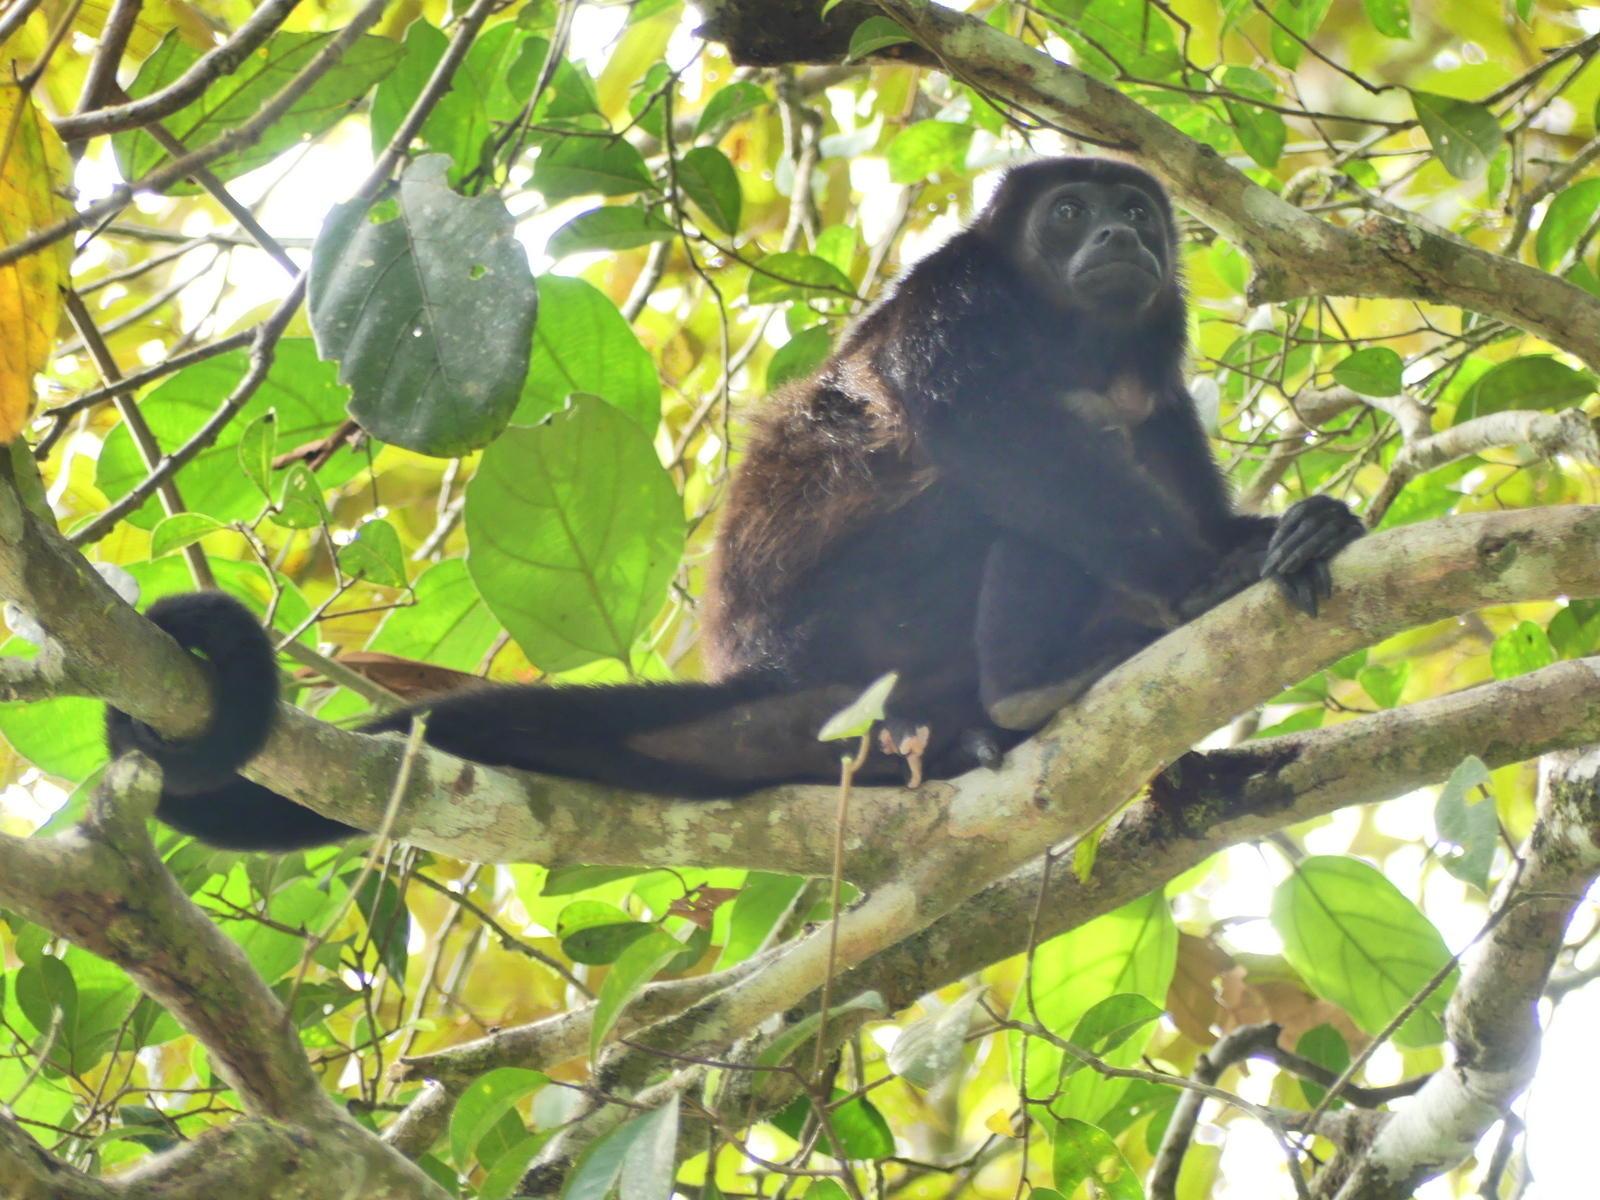 U.S. helping investigate Costa Rica plane crash